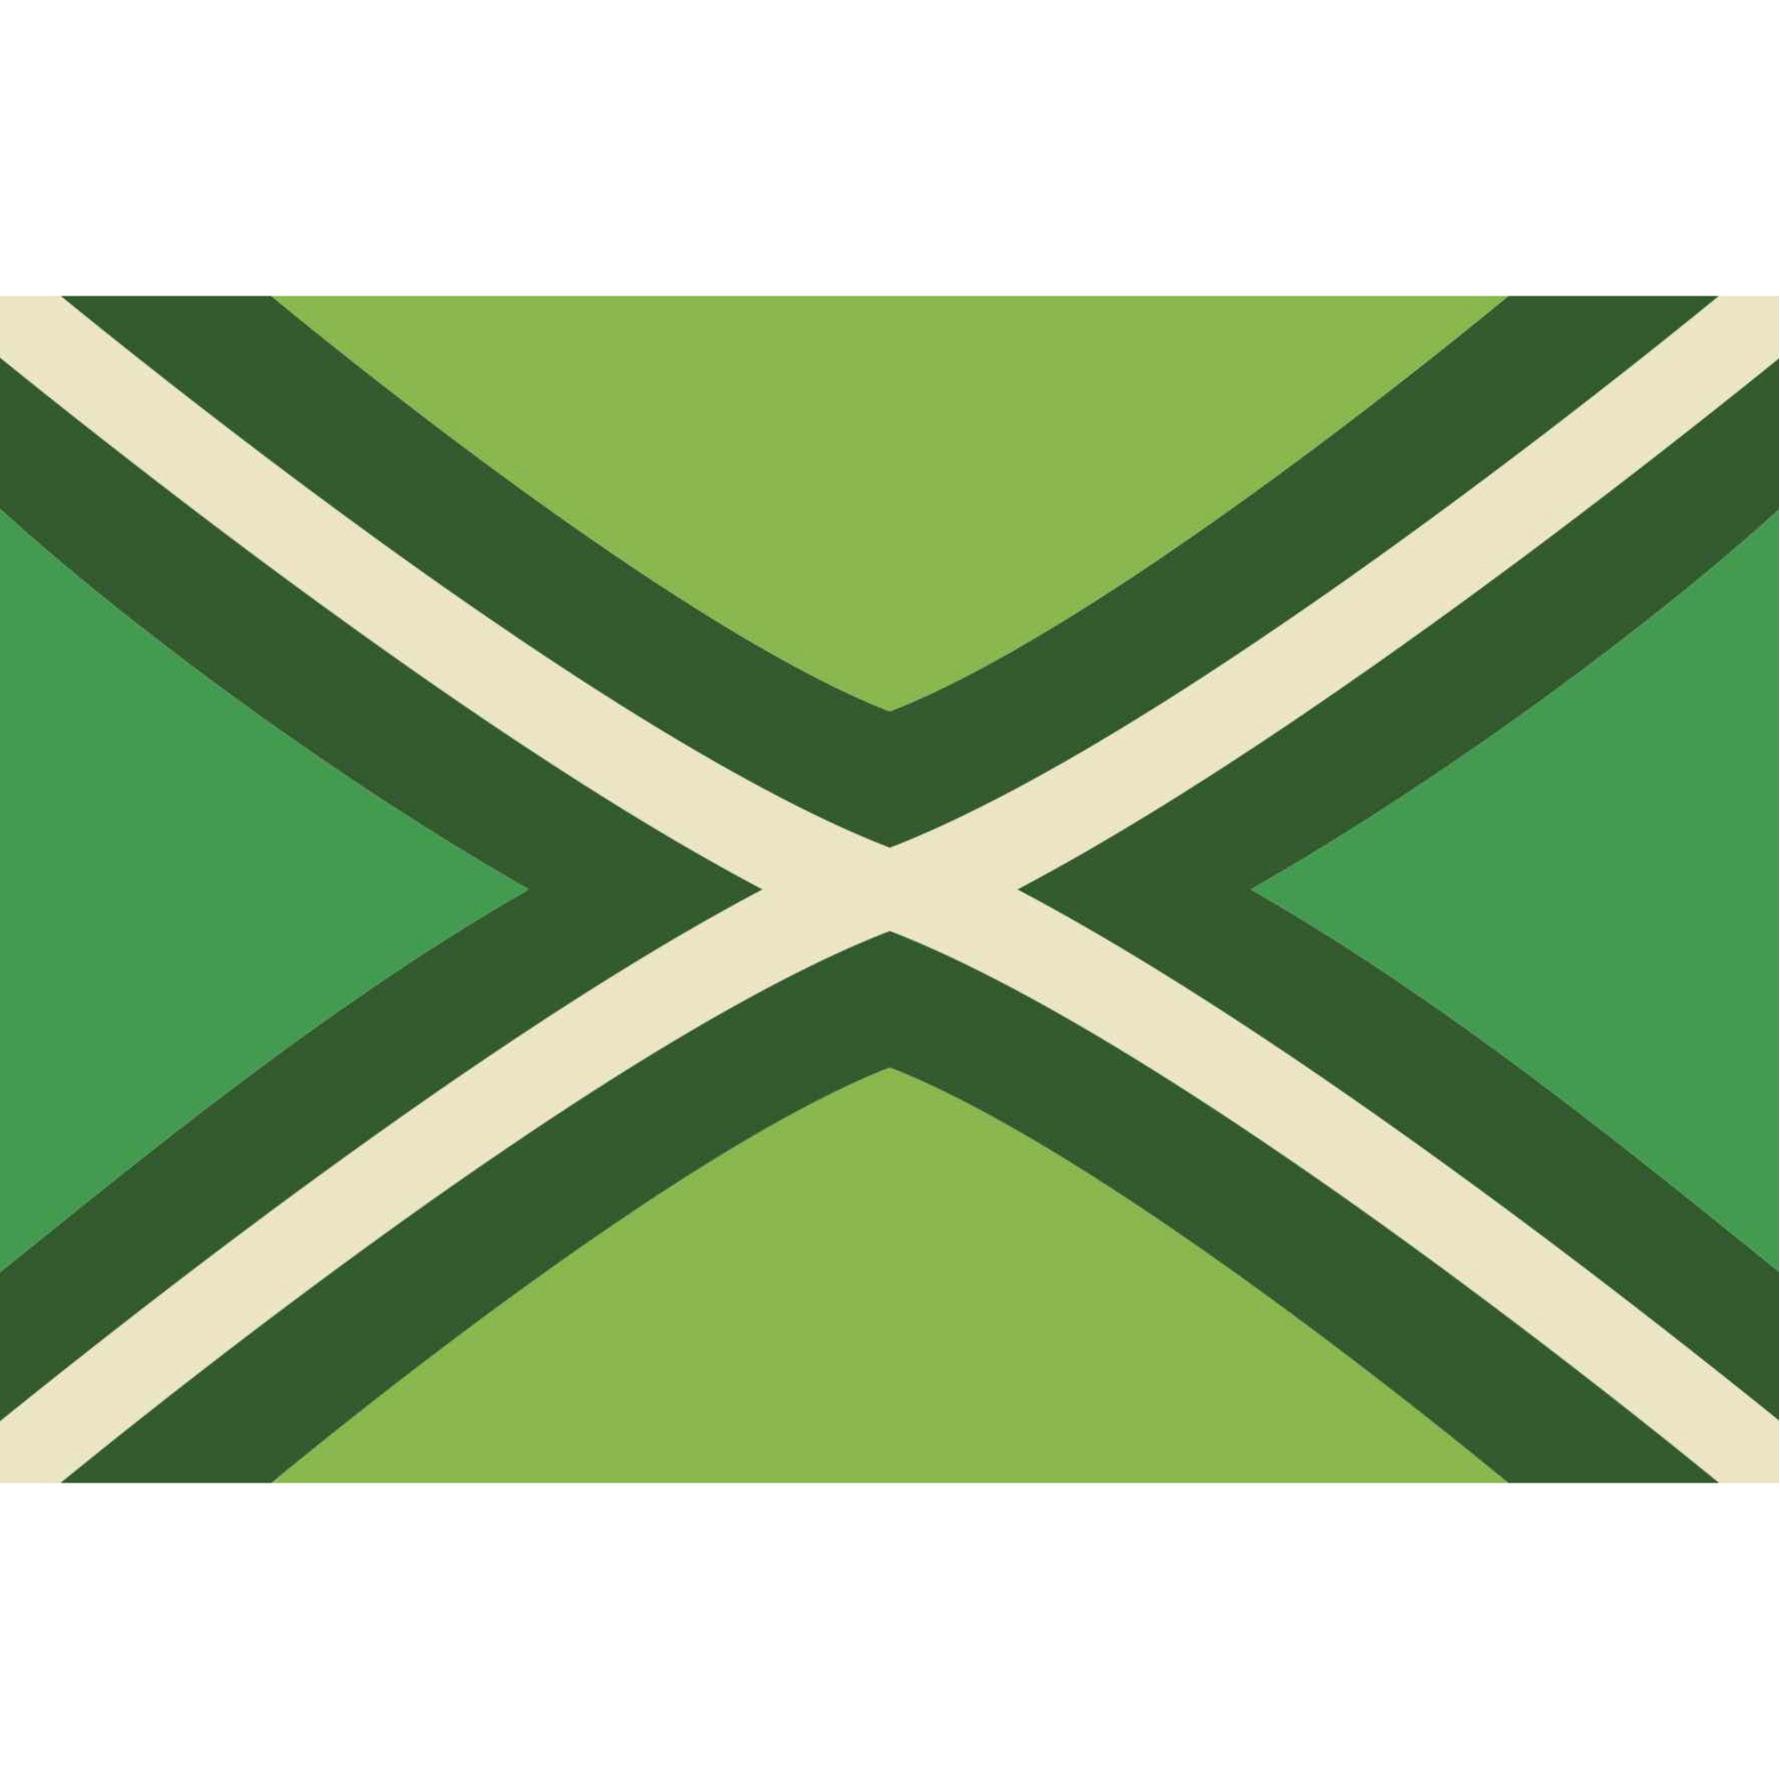 Achterhoek Gelderland vlag polyester 150 x 90 cm -